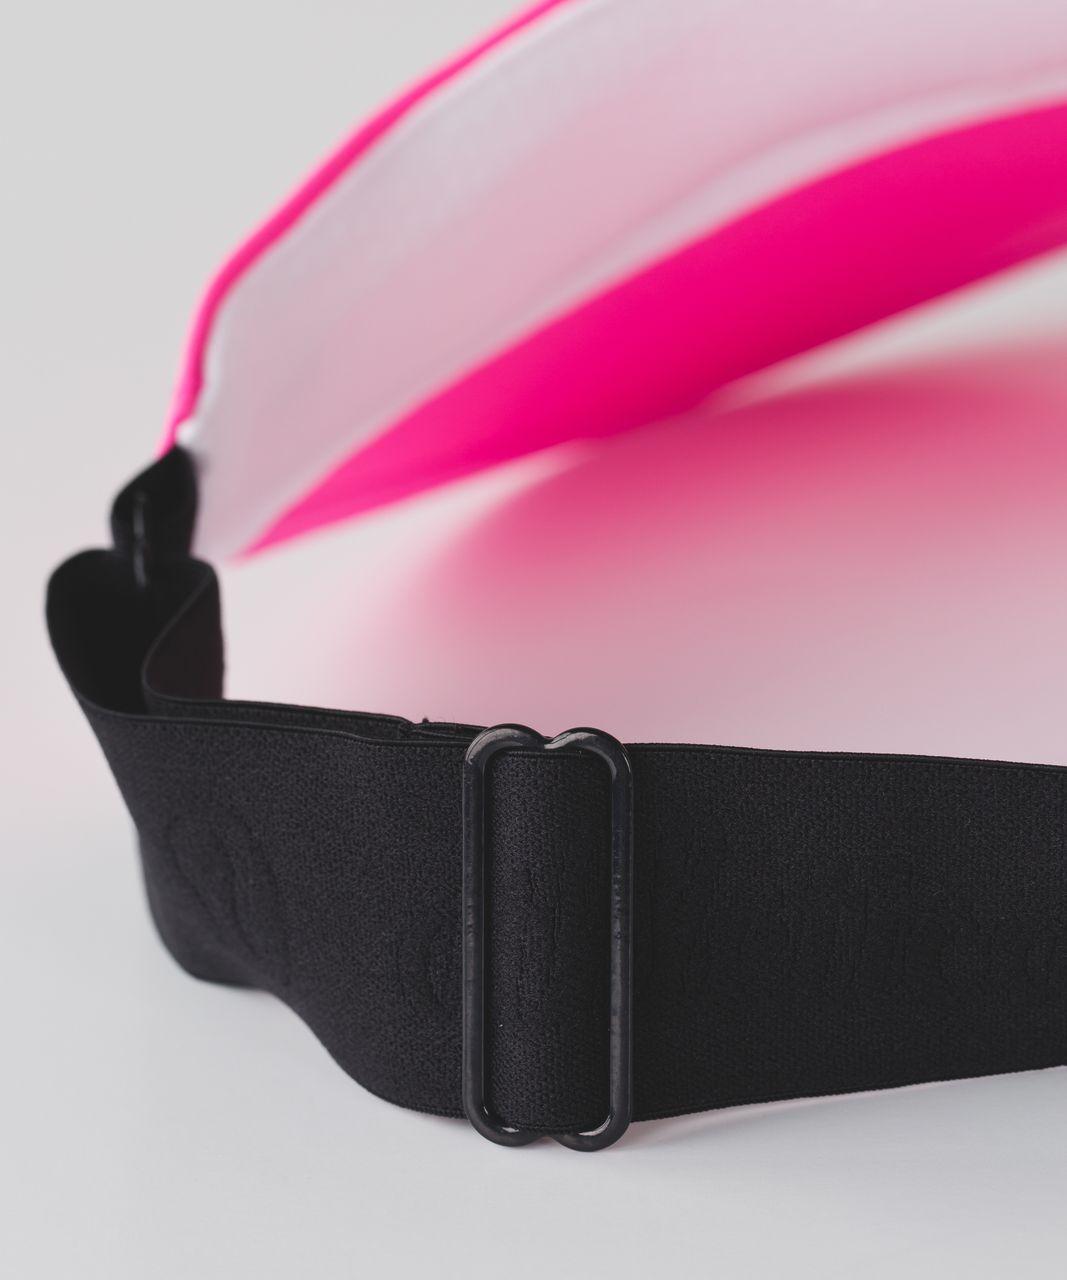 Lululemon Fast Paced Run Visor - Raspberry Glo Light / Black